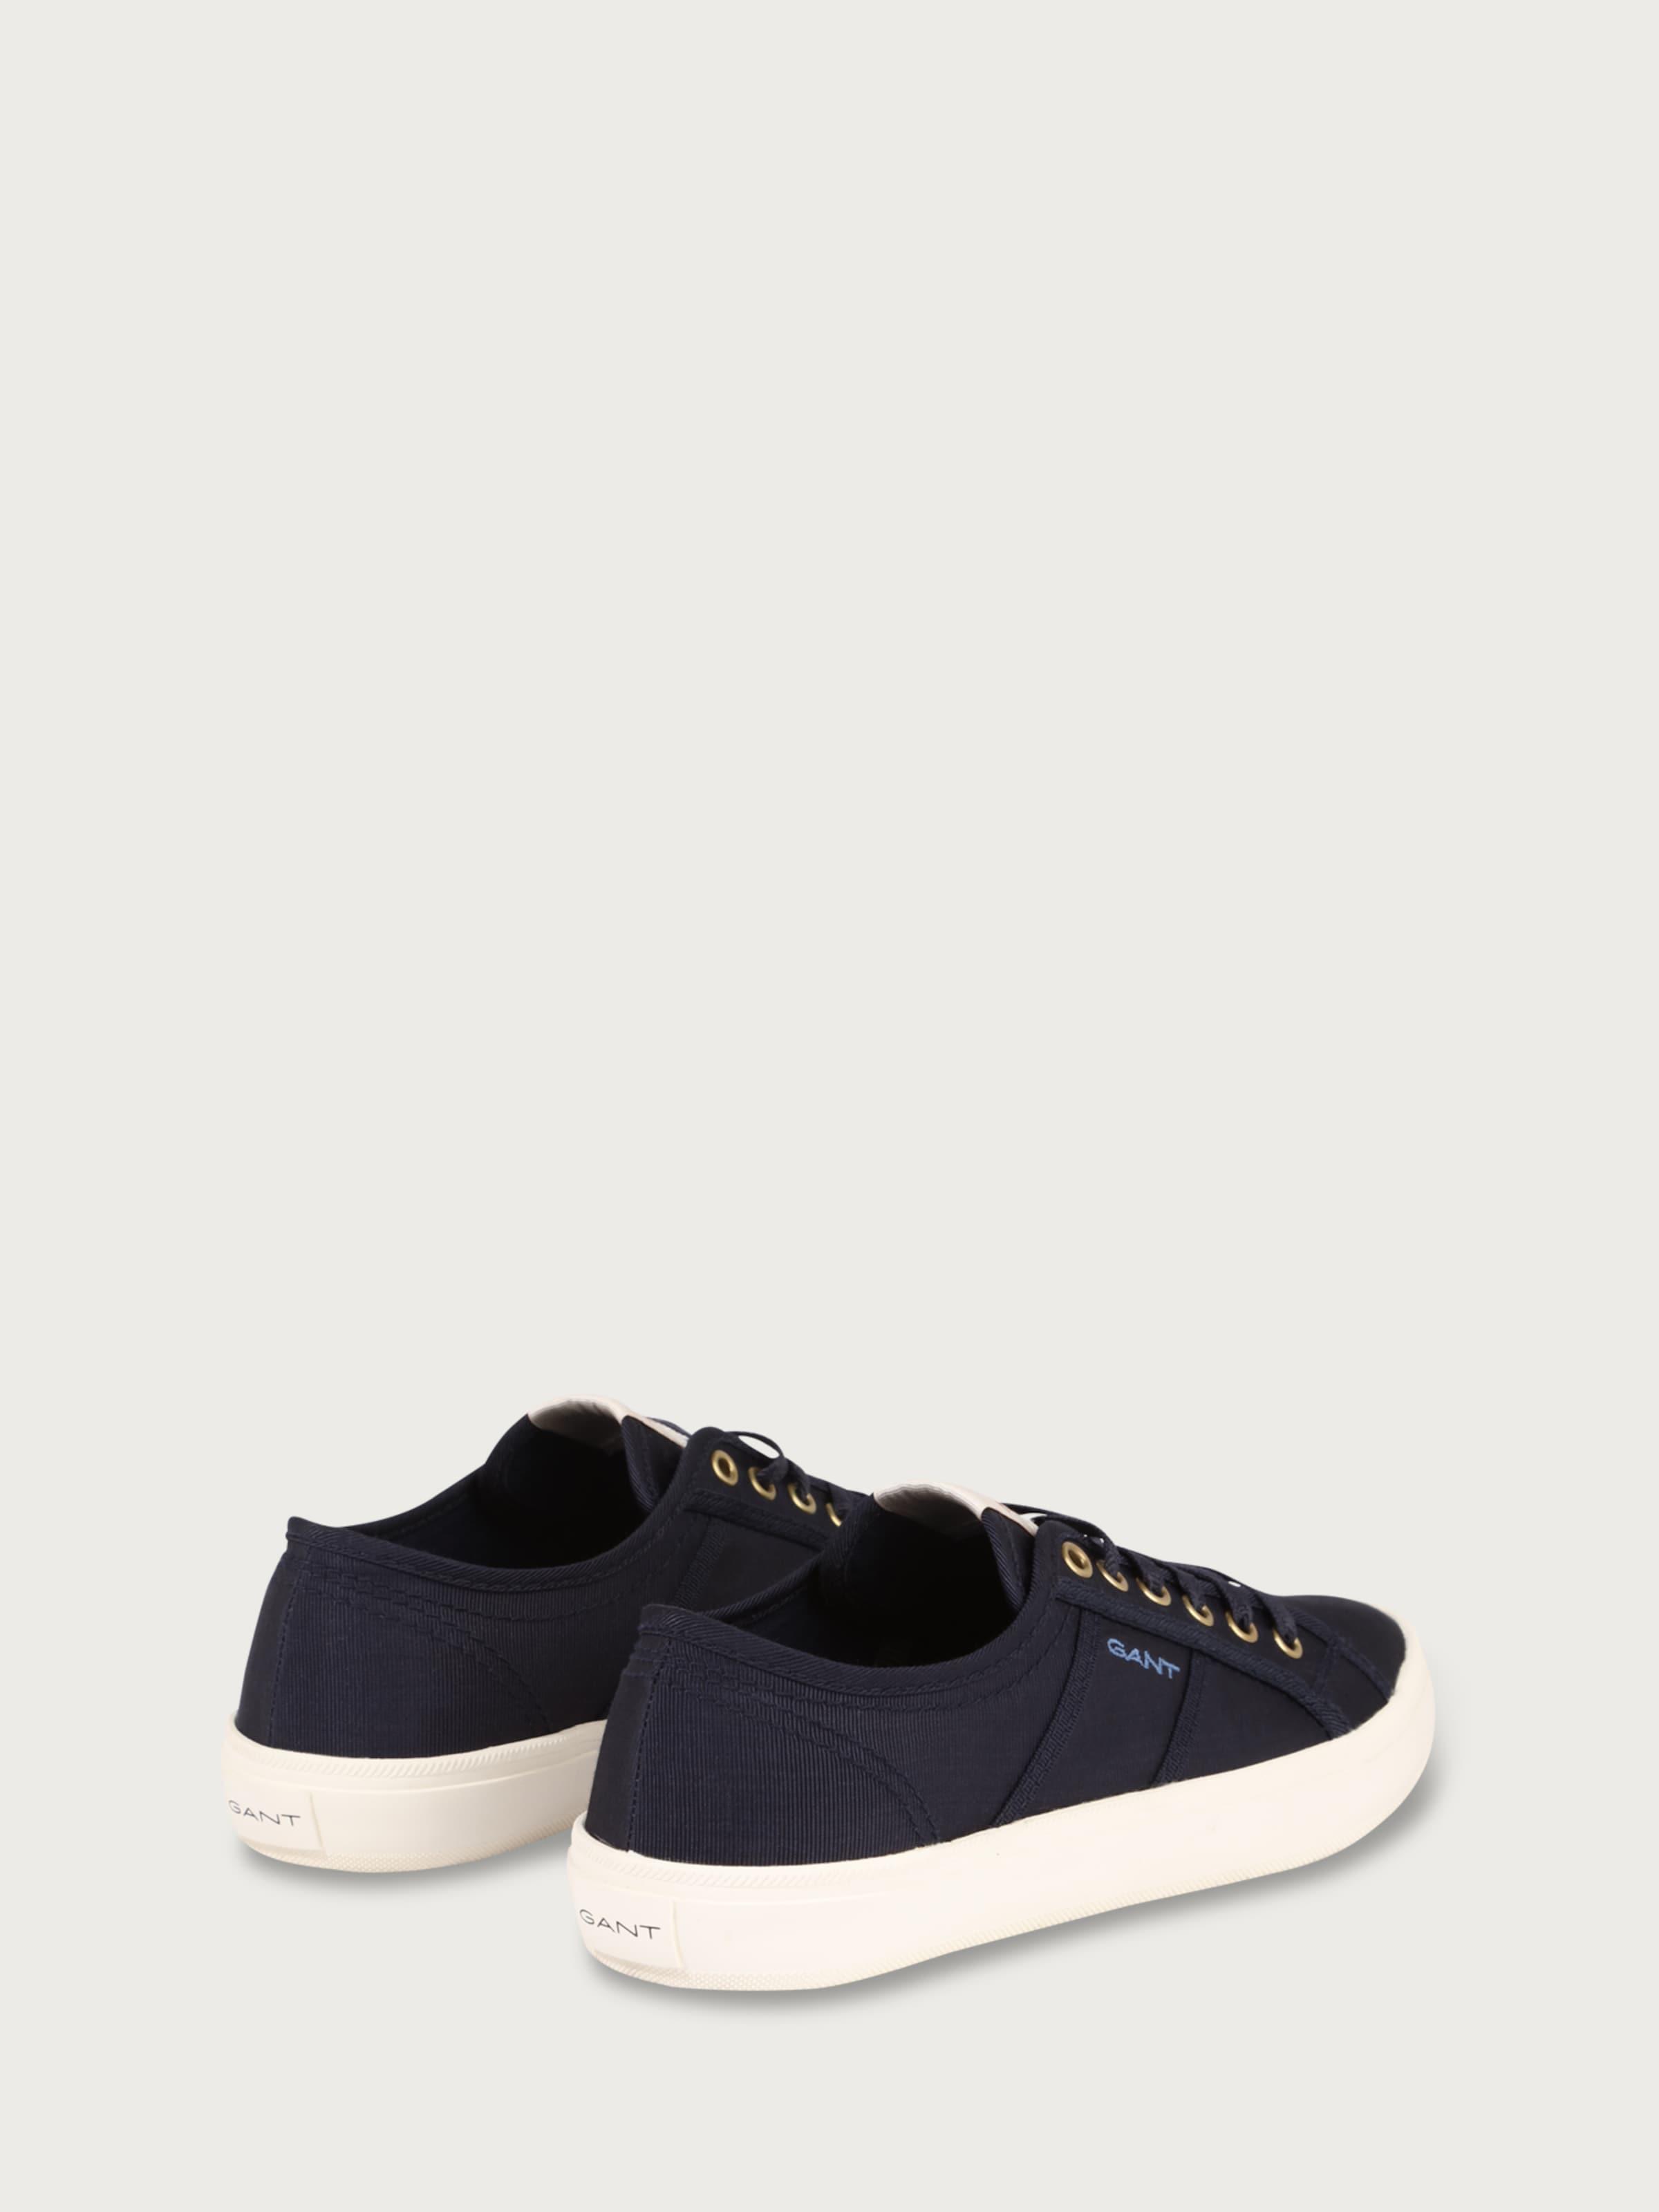 GANT Sneaker 'Zoe' Freies Verschiffen Viele Arten Von Neue Online Rabatt Shop-Angebot Outlet Factory Outlet Billig Verkauf Auslass c4PSGf9vWf